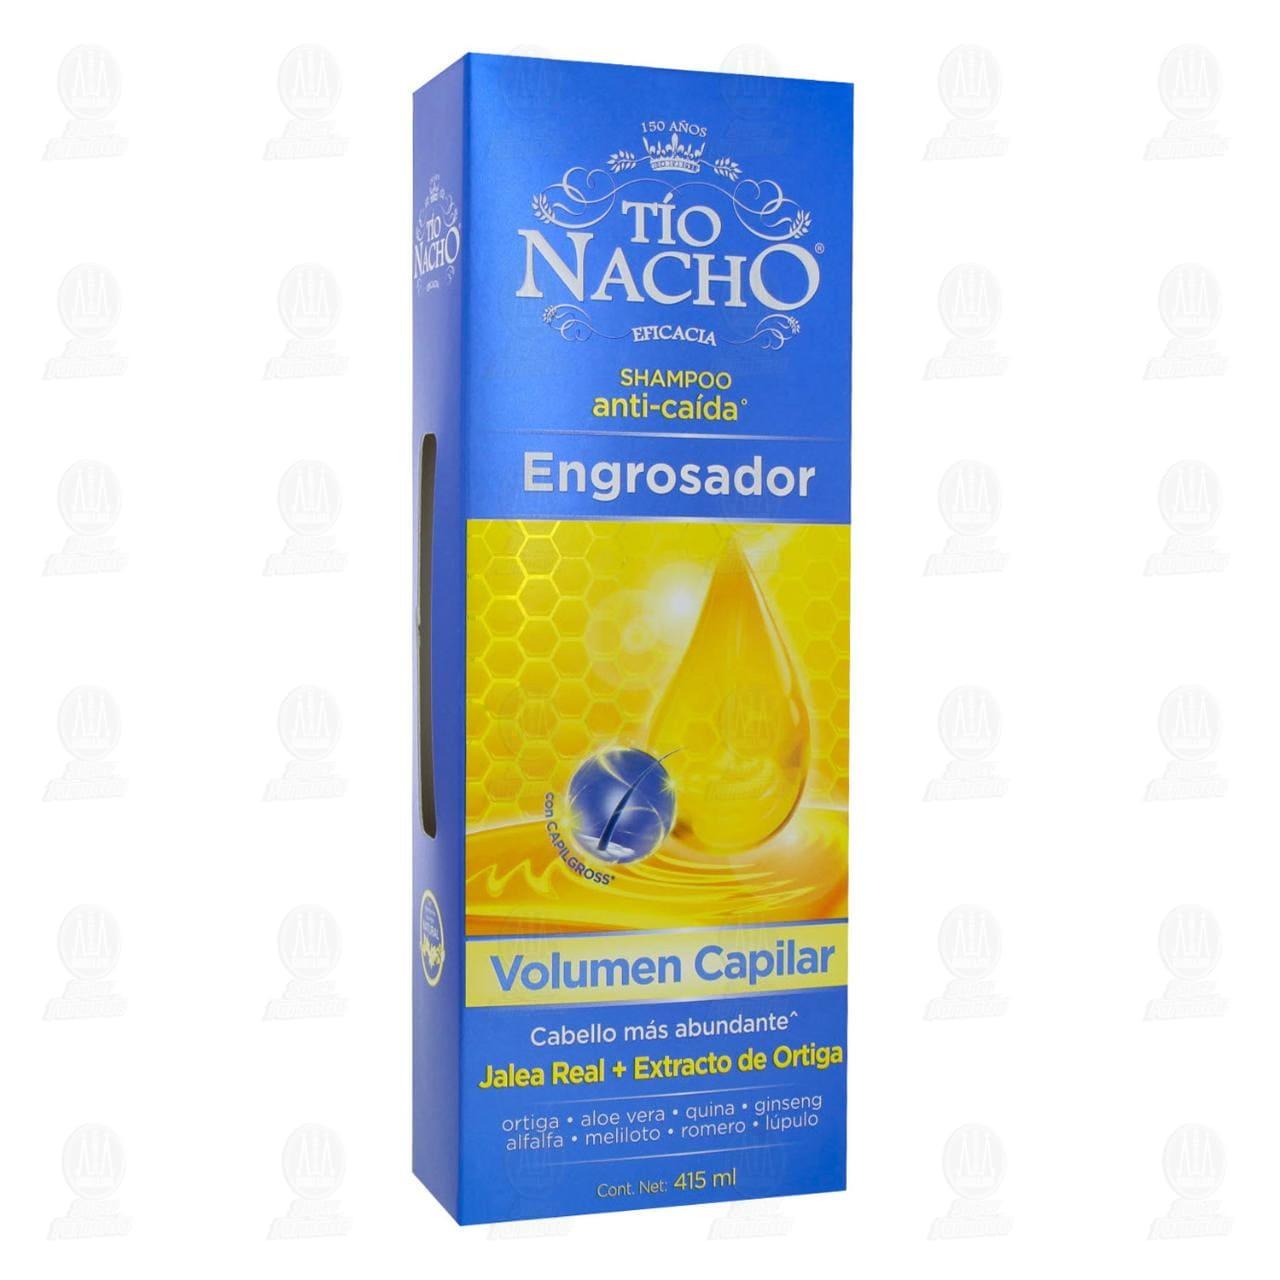 Comprar Shampoo Tío Nacho Anti-Caída Engrosador, 415 ml. en Farmacias Guadalajara